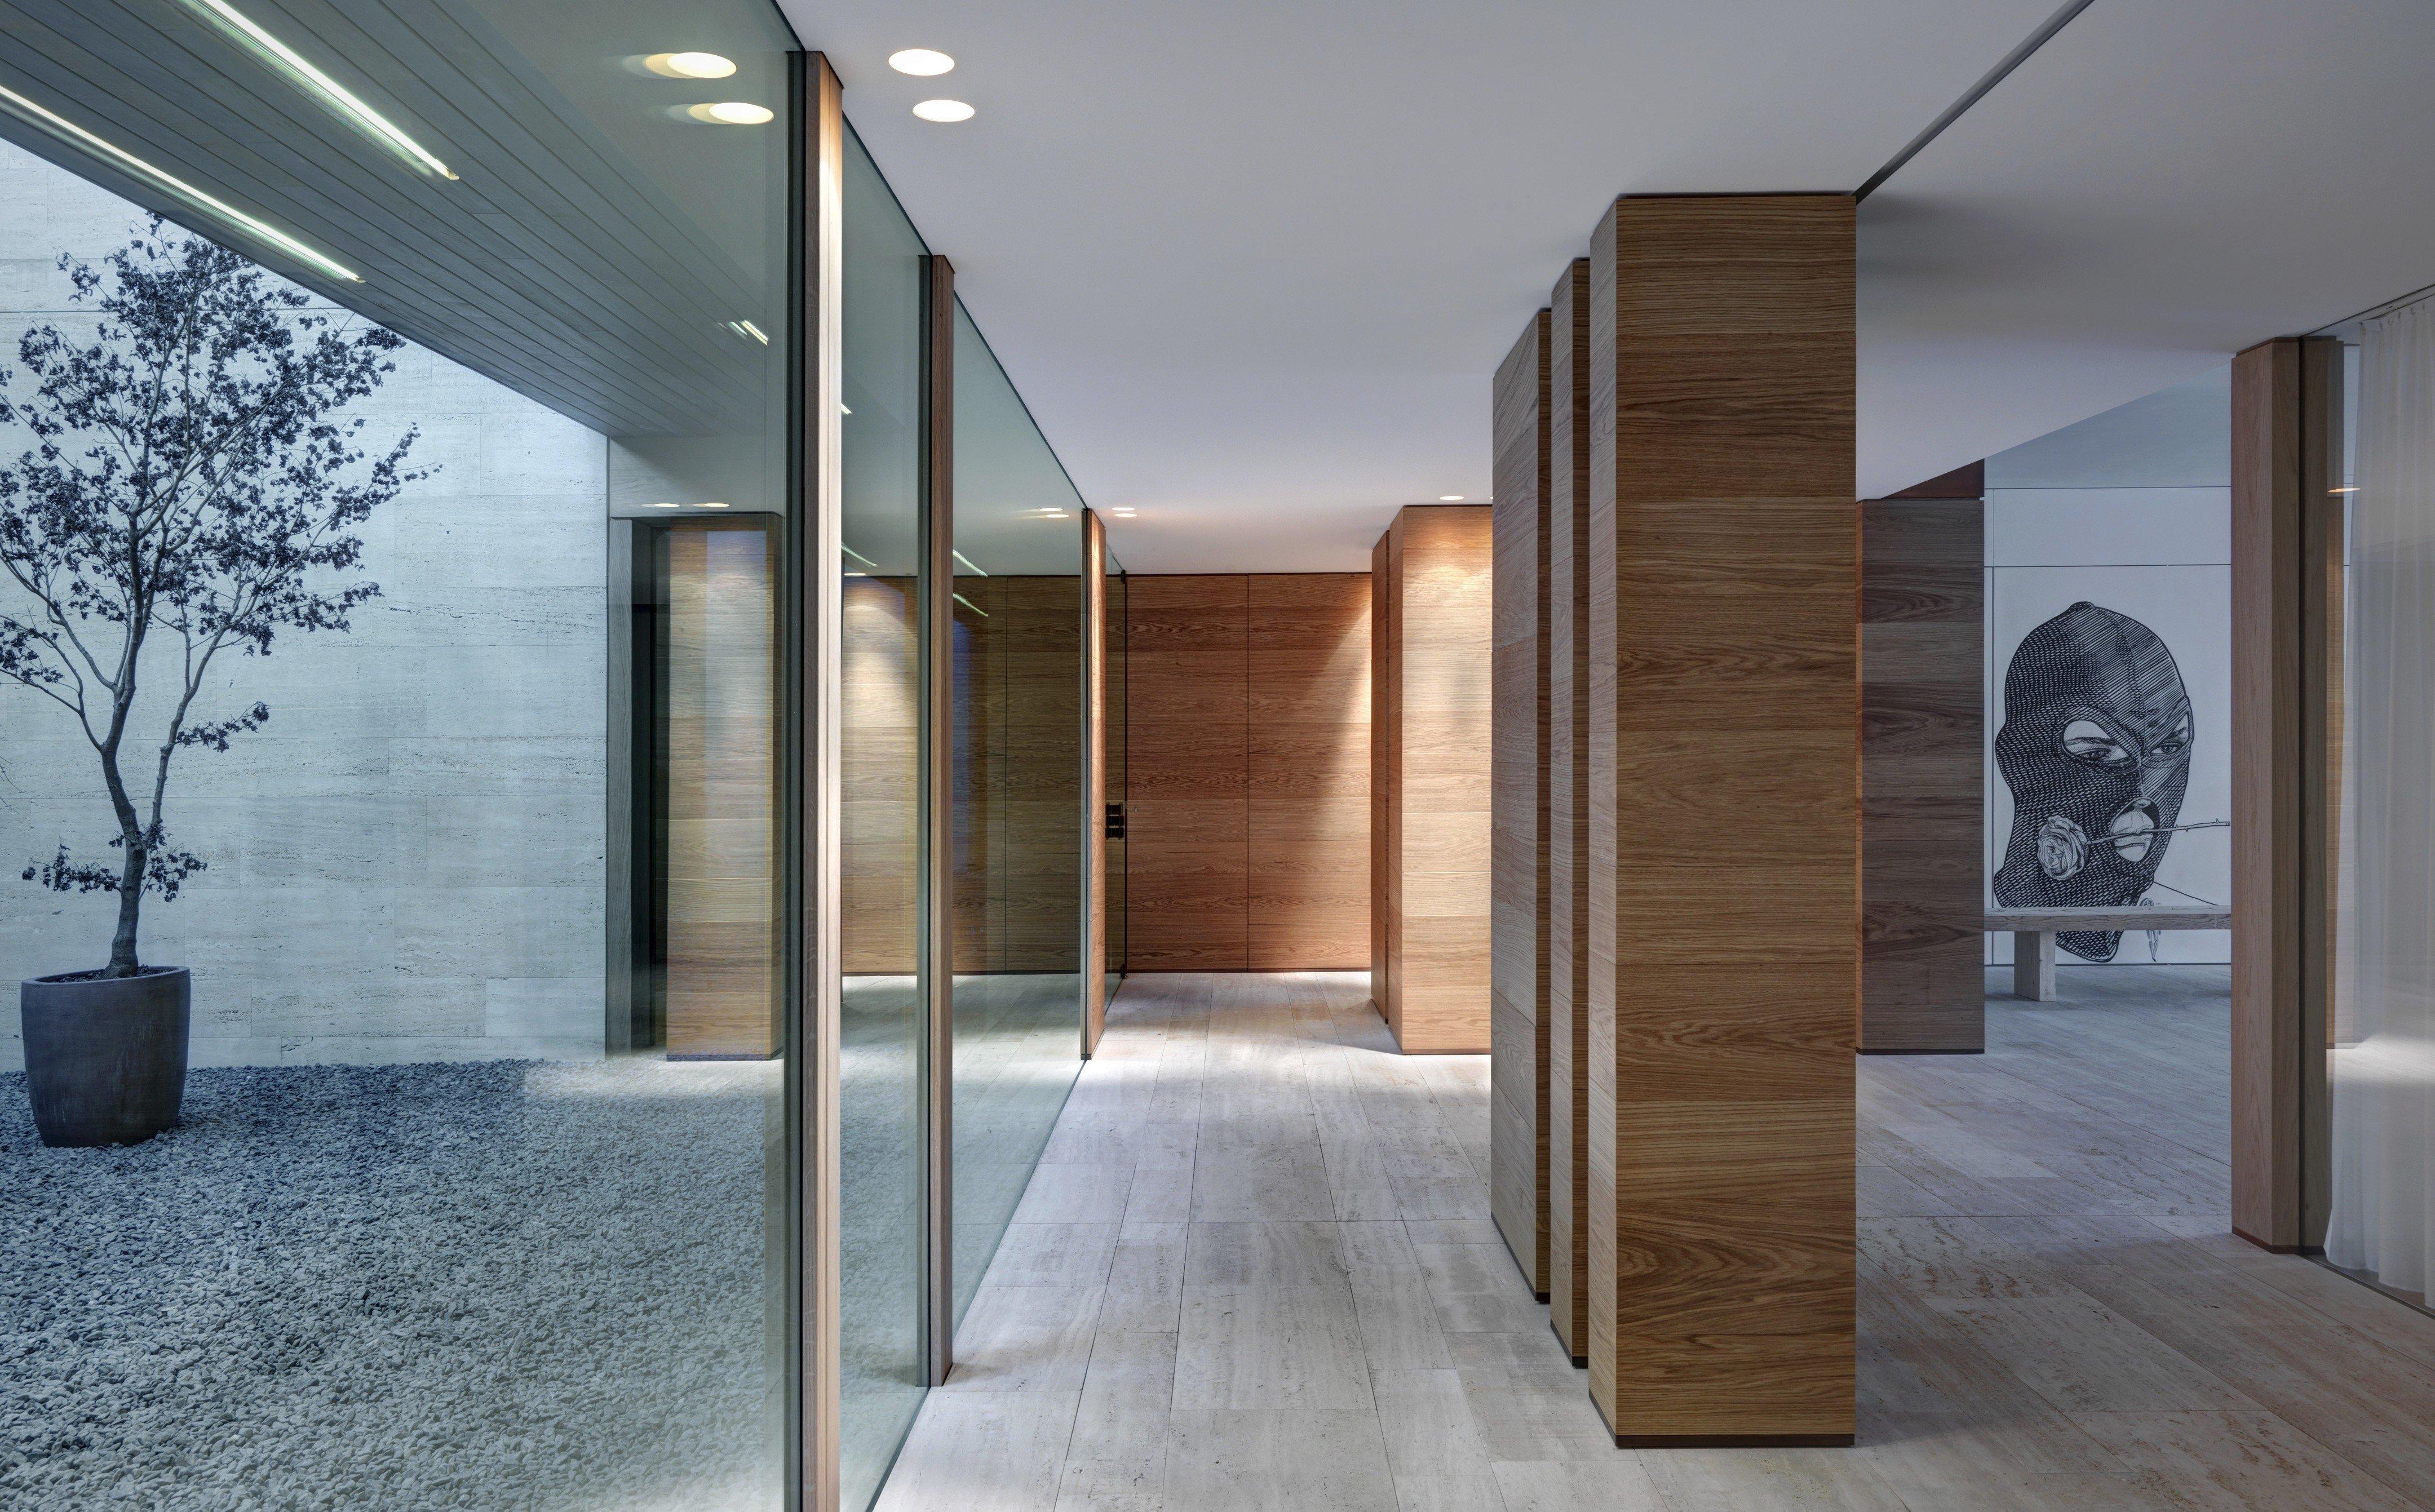 Studio Architettura Paesaggio Milano lomocubes | mpa - motta papiani architetti